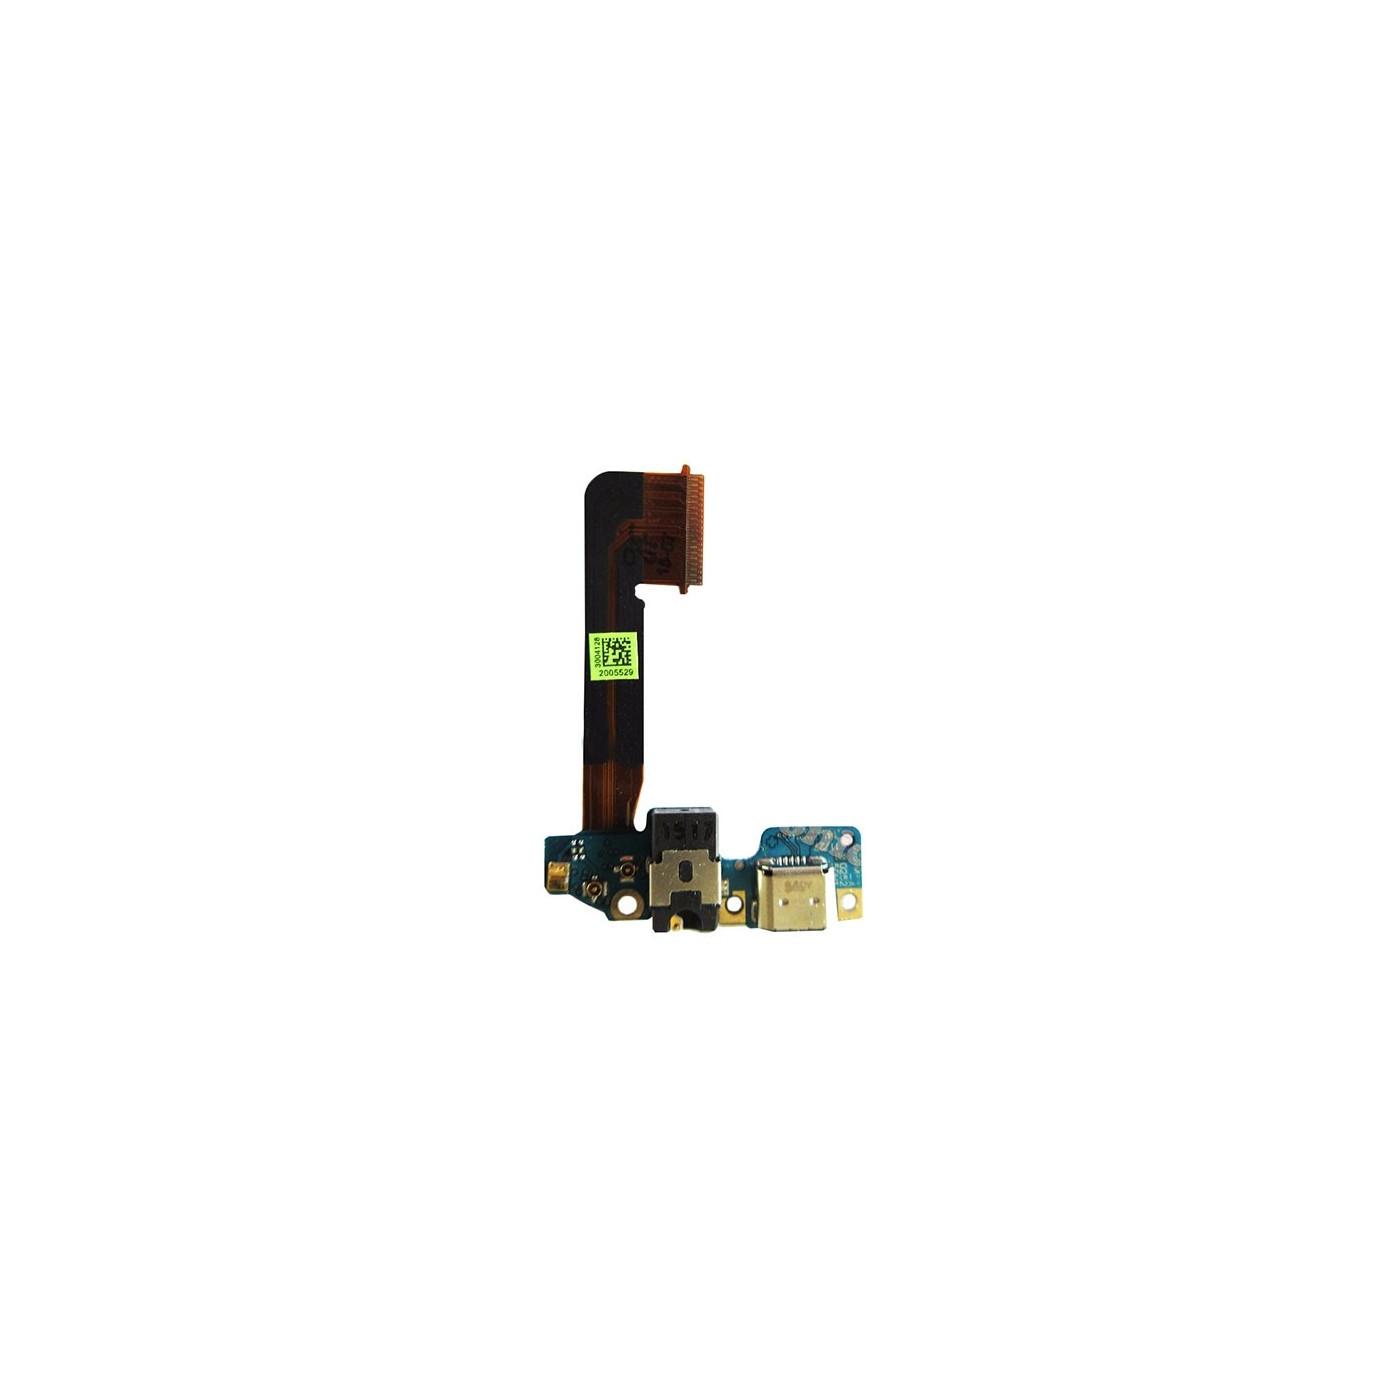 Conector de carga plana y flexible para toma de auriculares con puerto de carga HTC One M9